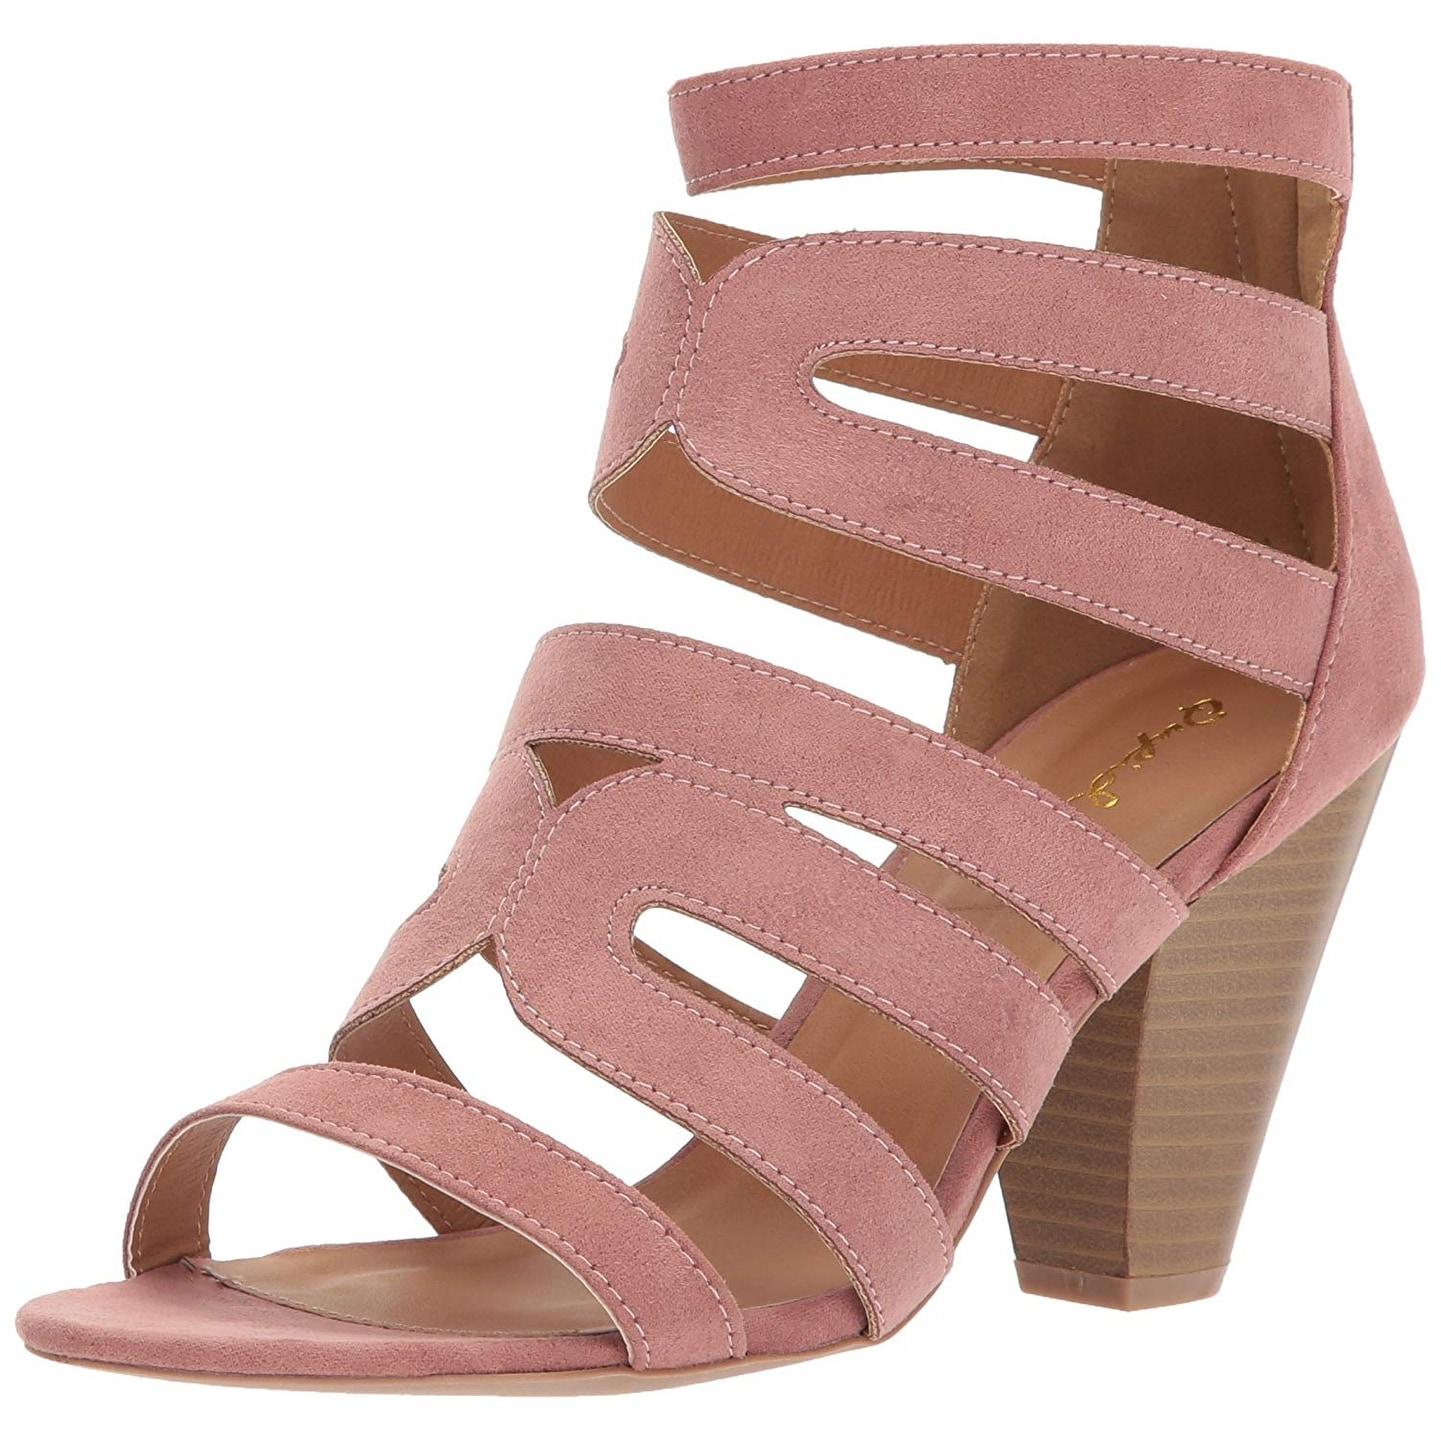 ac3aeb7bee5 Buy Black Qupid Women s Sandals Online at Overstock